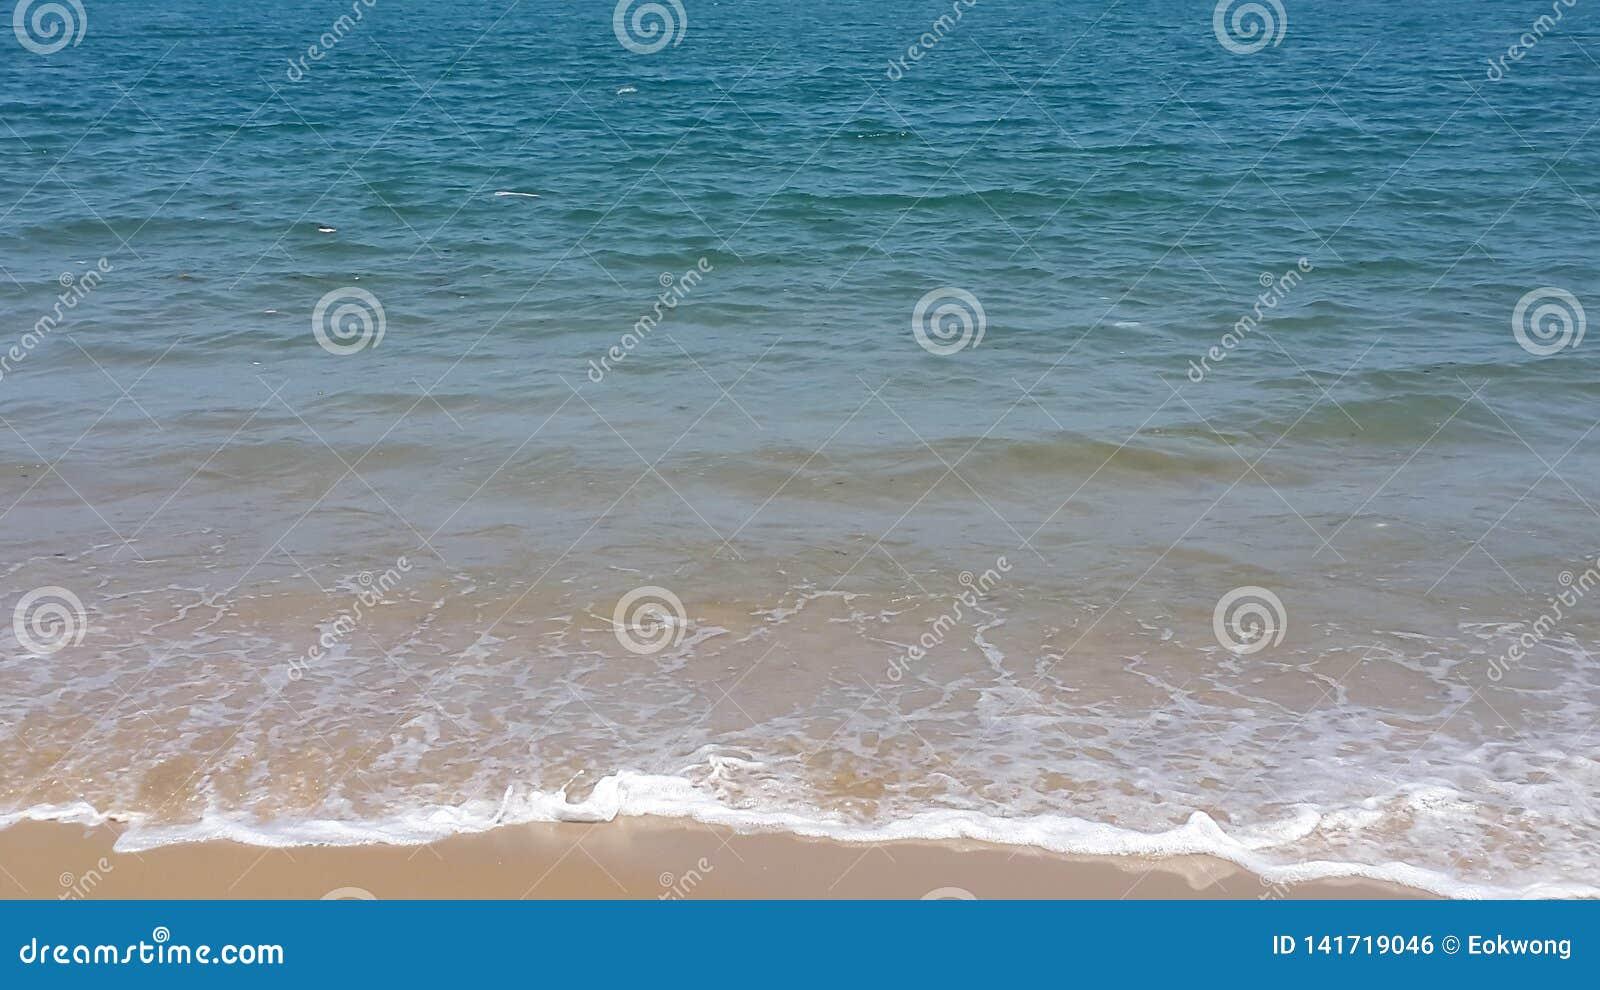 Mousse blanche sur le bord de la mer, l eau bleue d océan et les petites vagues sur la plage - Lagos, Nigéria - thème de vacances